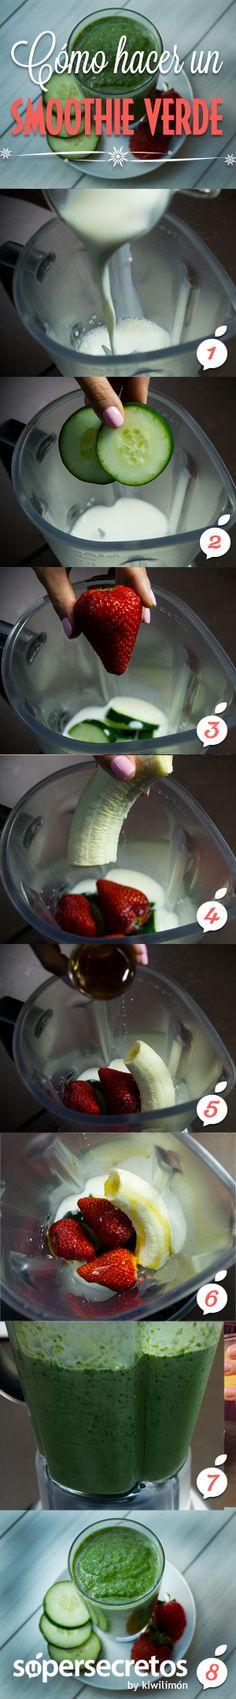 Cómo hacer un smoothie verde personalizado.